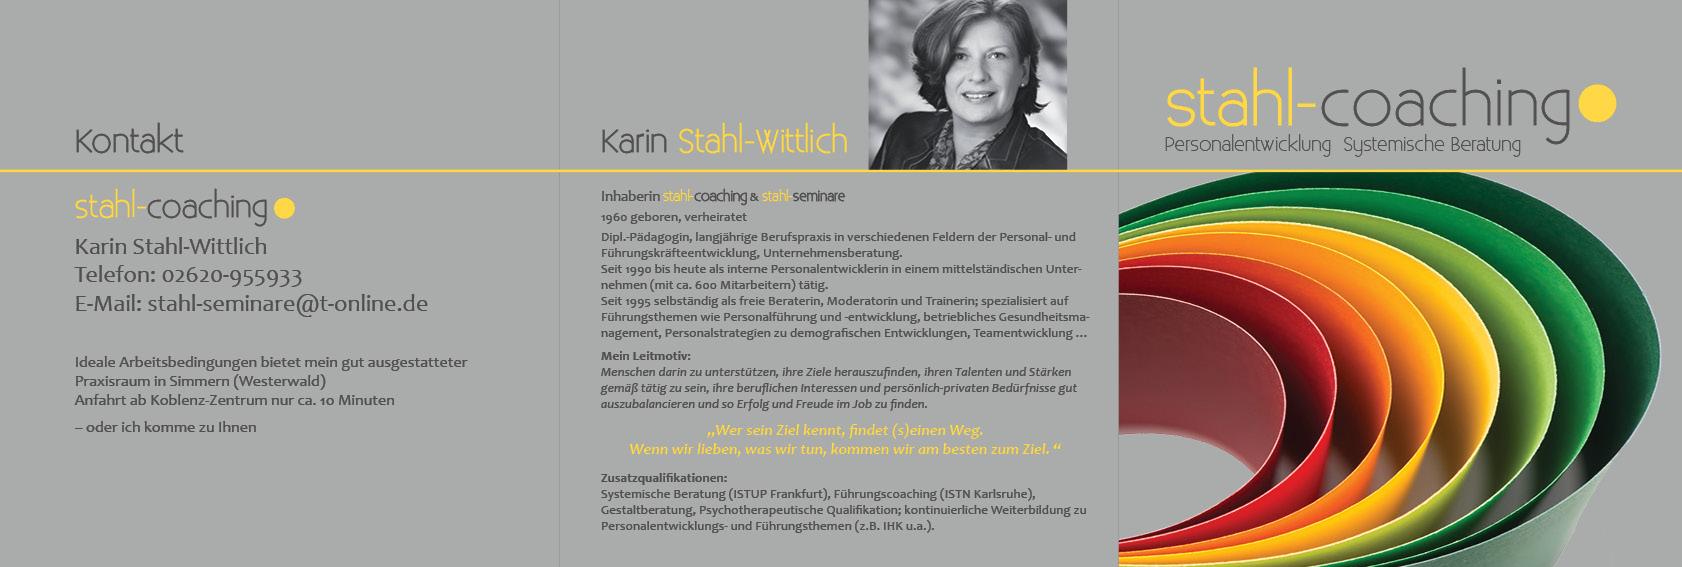 Karin Stahl-Wittlich